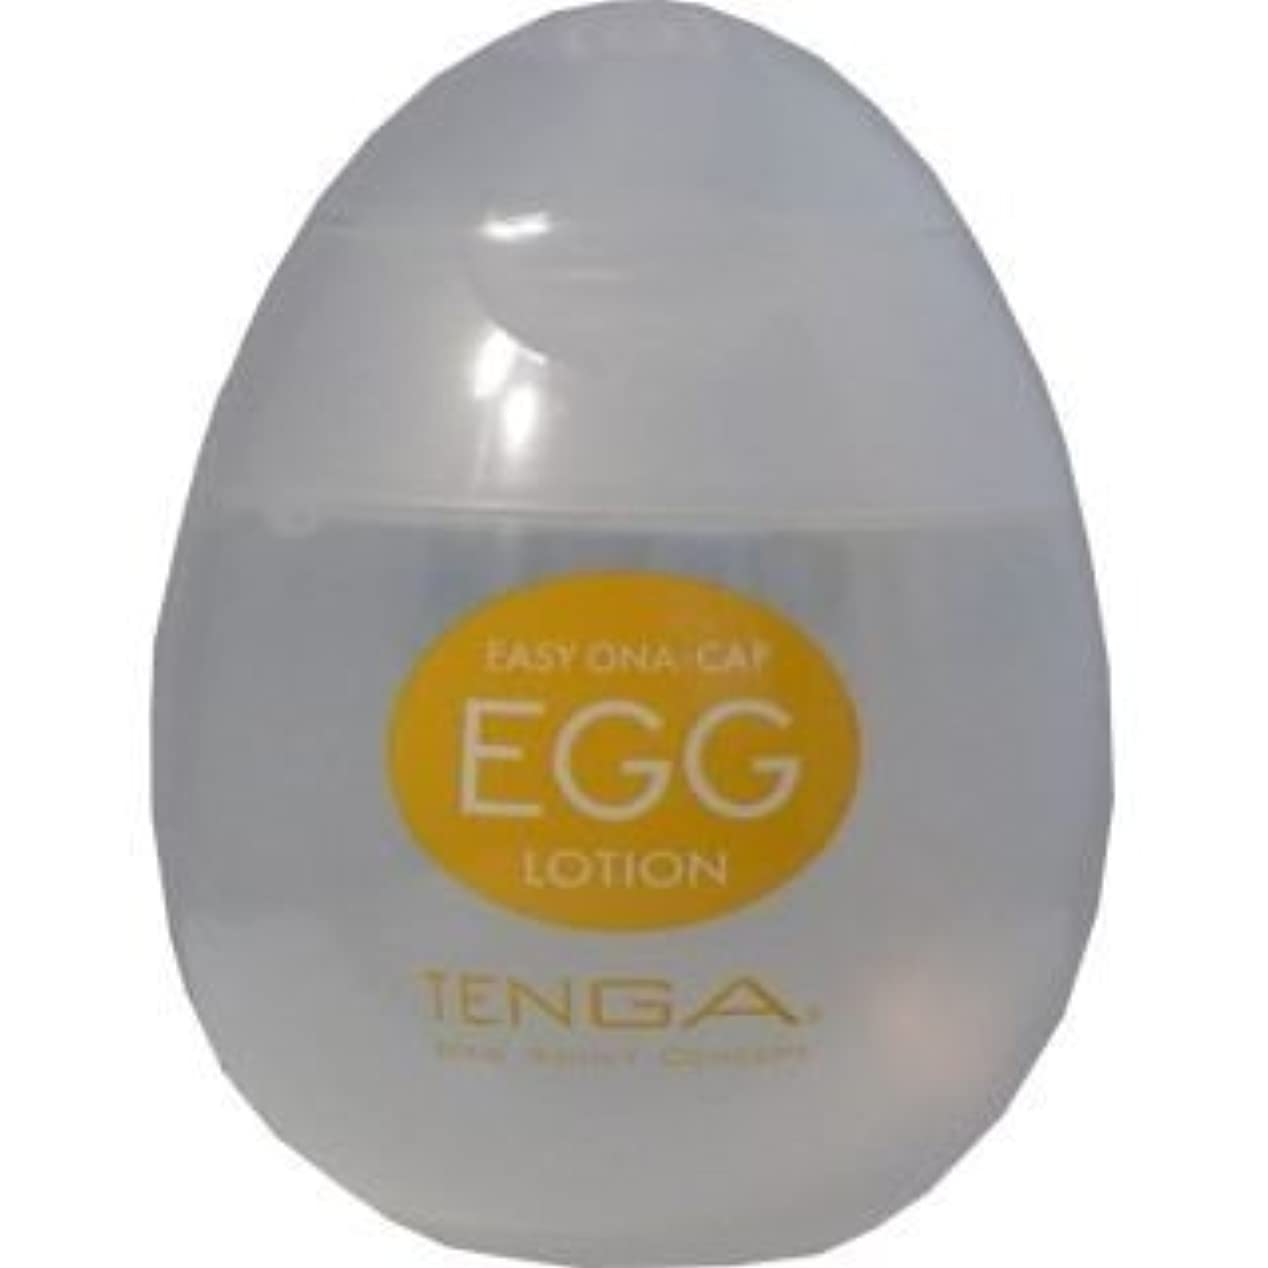 息苦しい荒涼とした悪質な保湿成分配合で潤い長持ち!TENGA(テンガ) EGG LOTION(エッグローション) EGGL-001【2個セット】